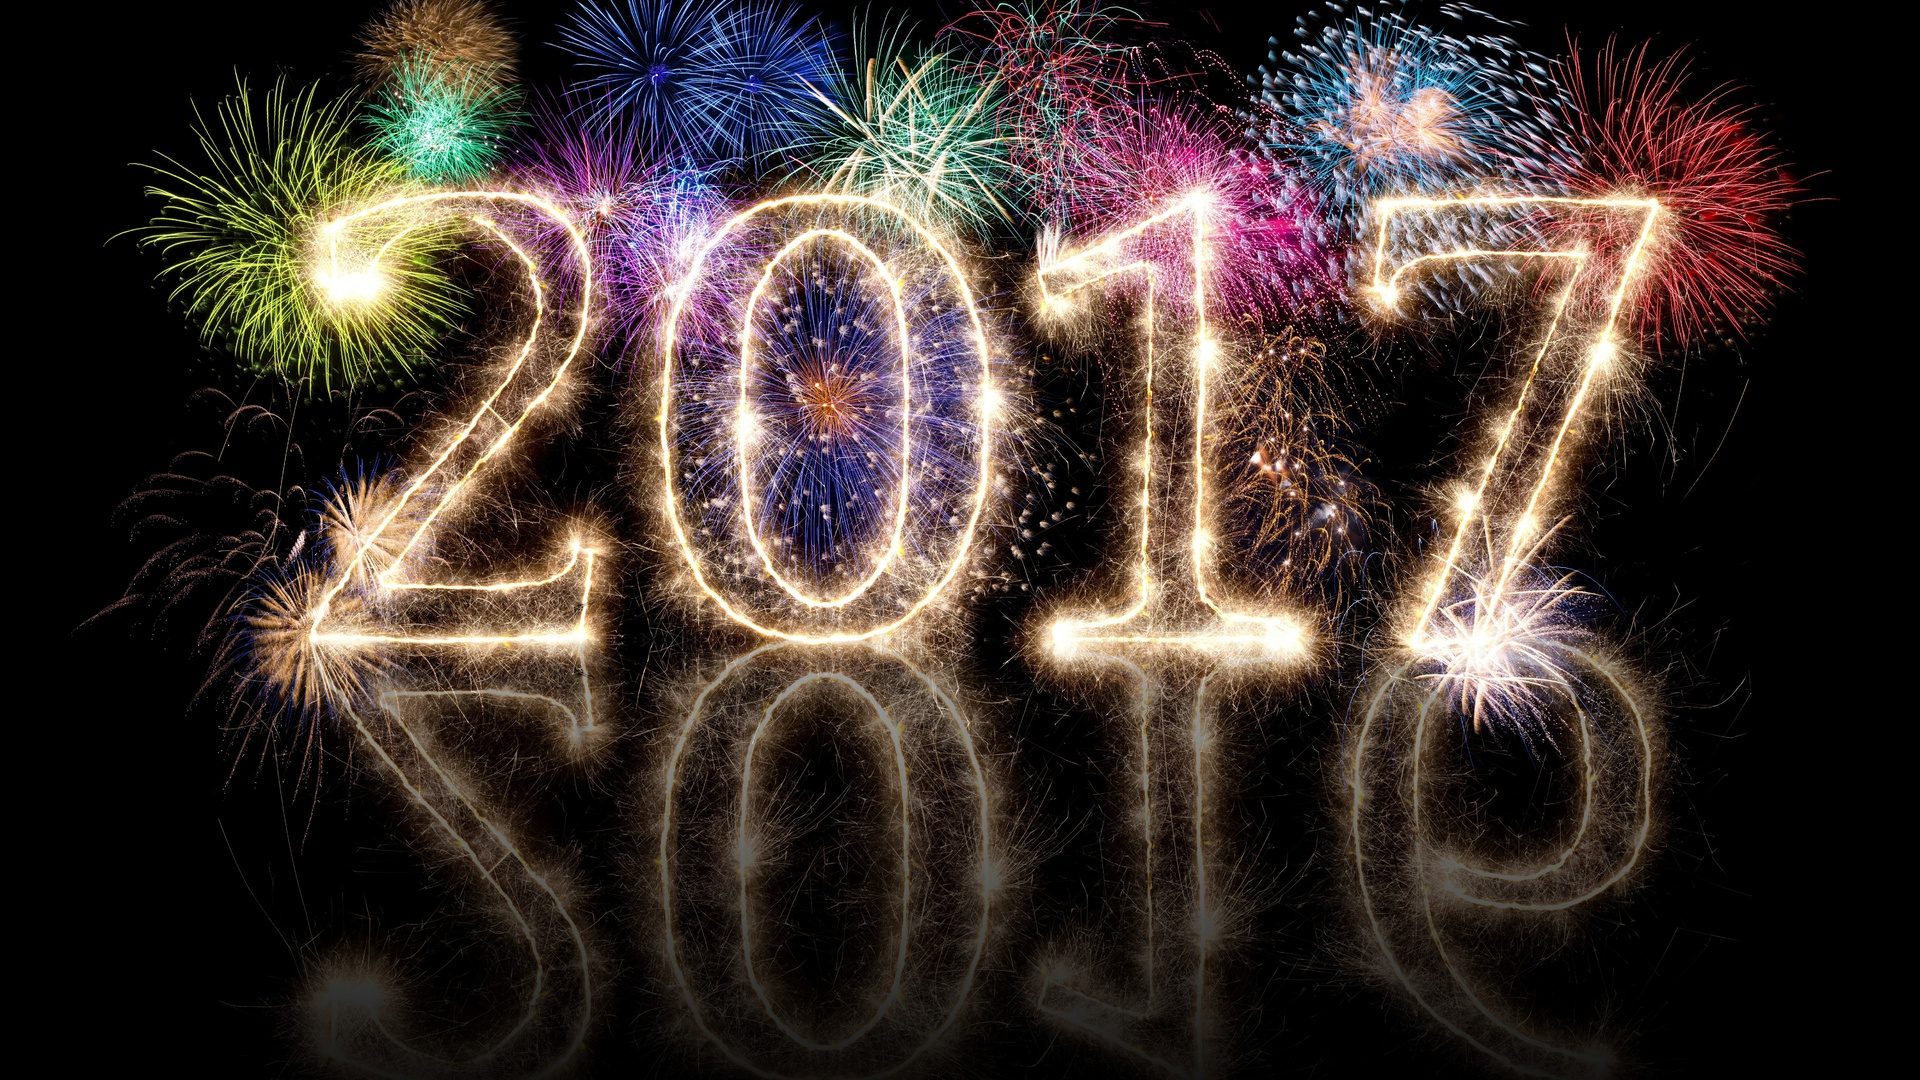 Картинка новый год 2017